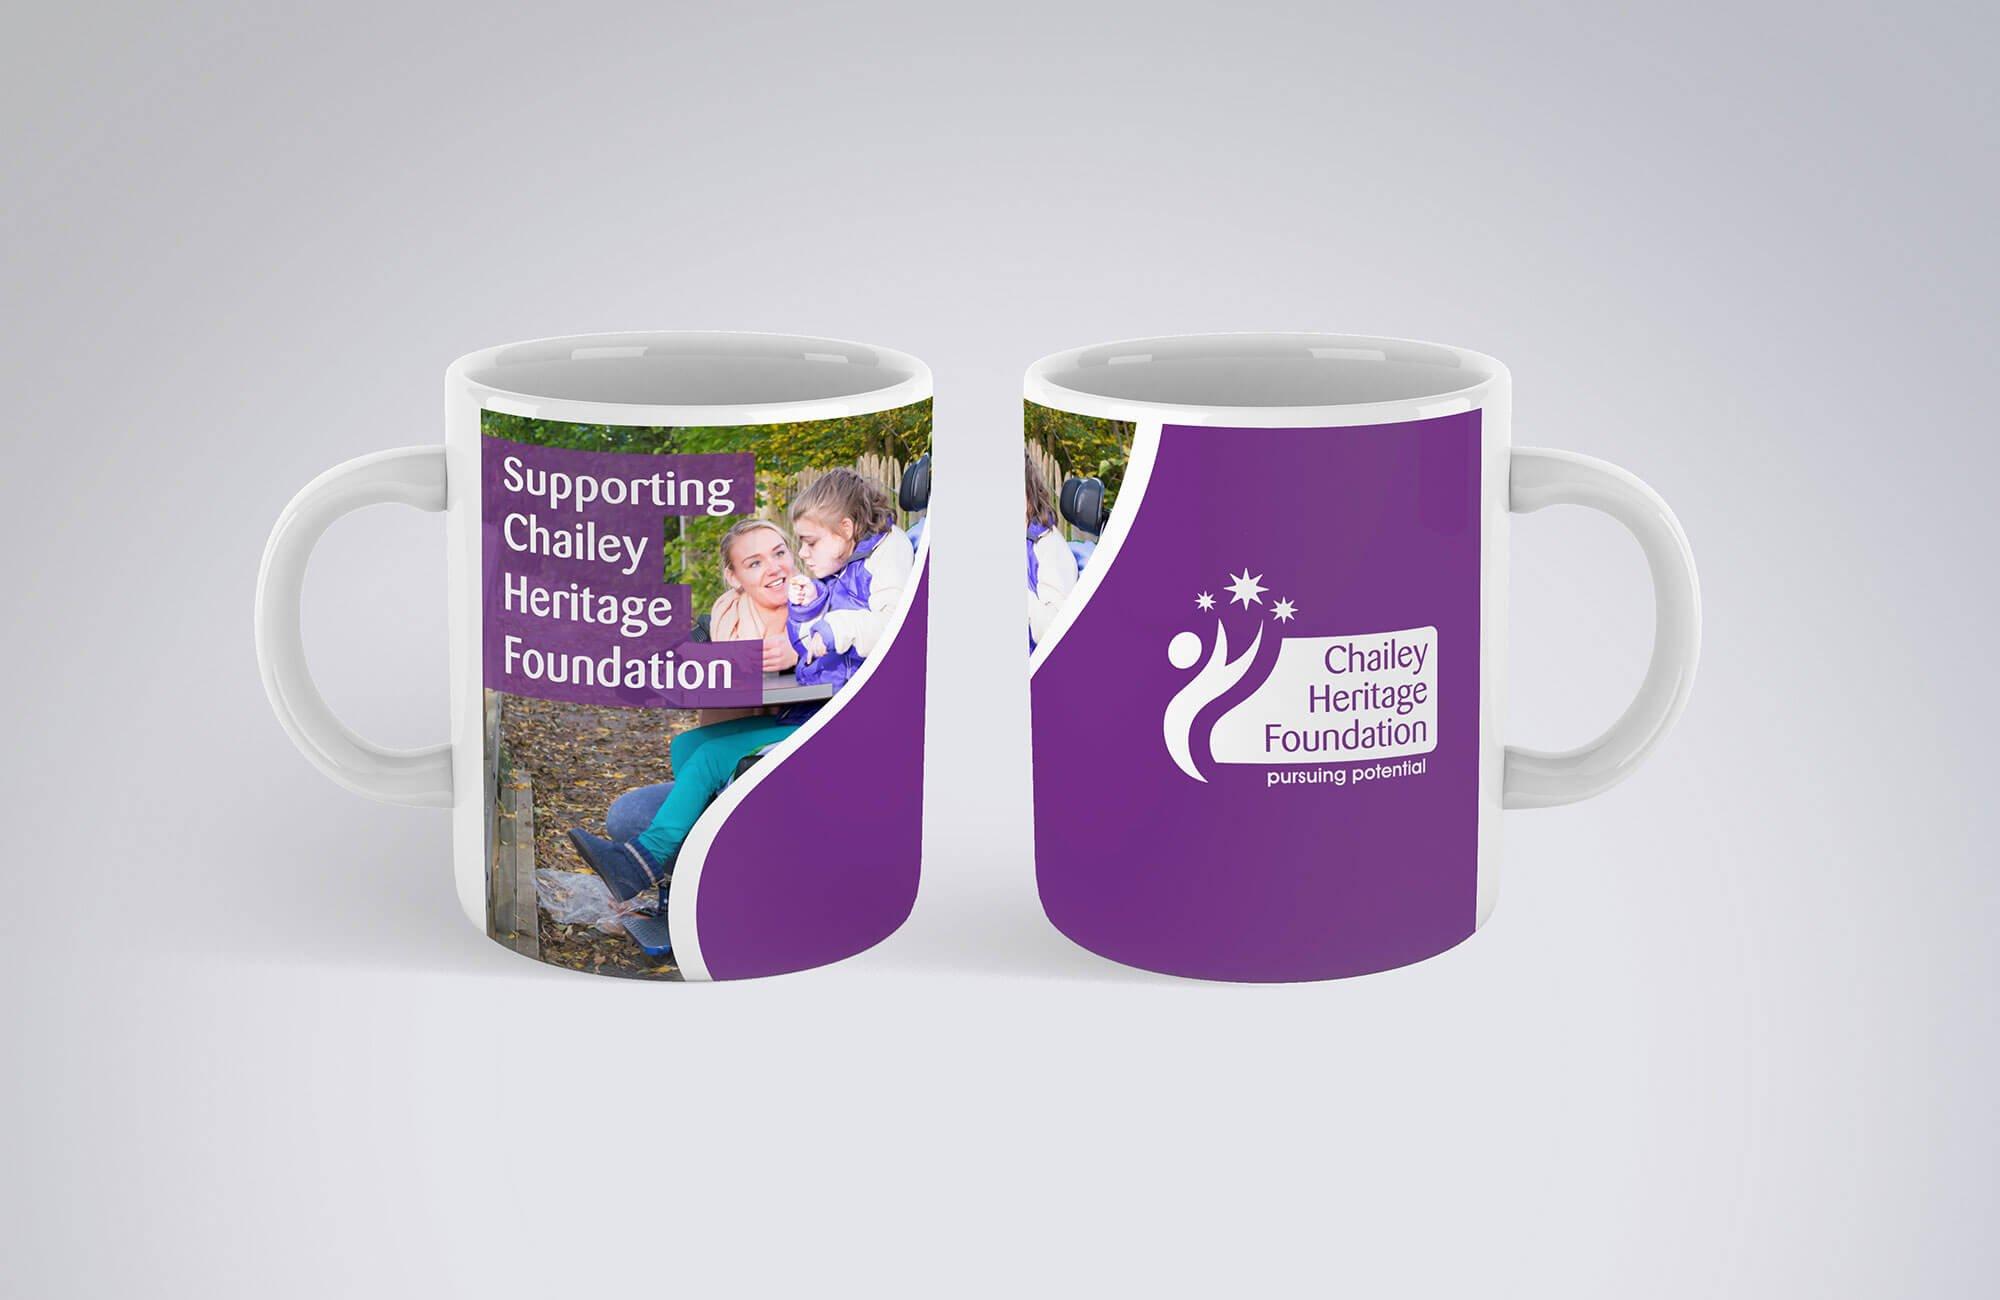 Chailey Heritage Branded Mug